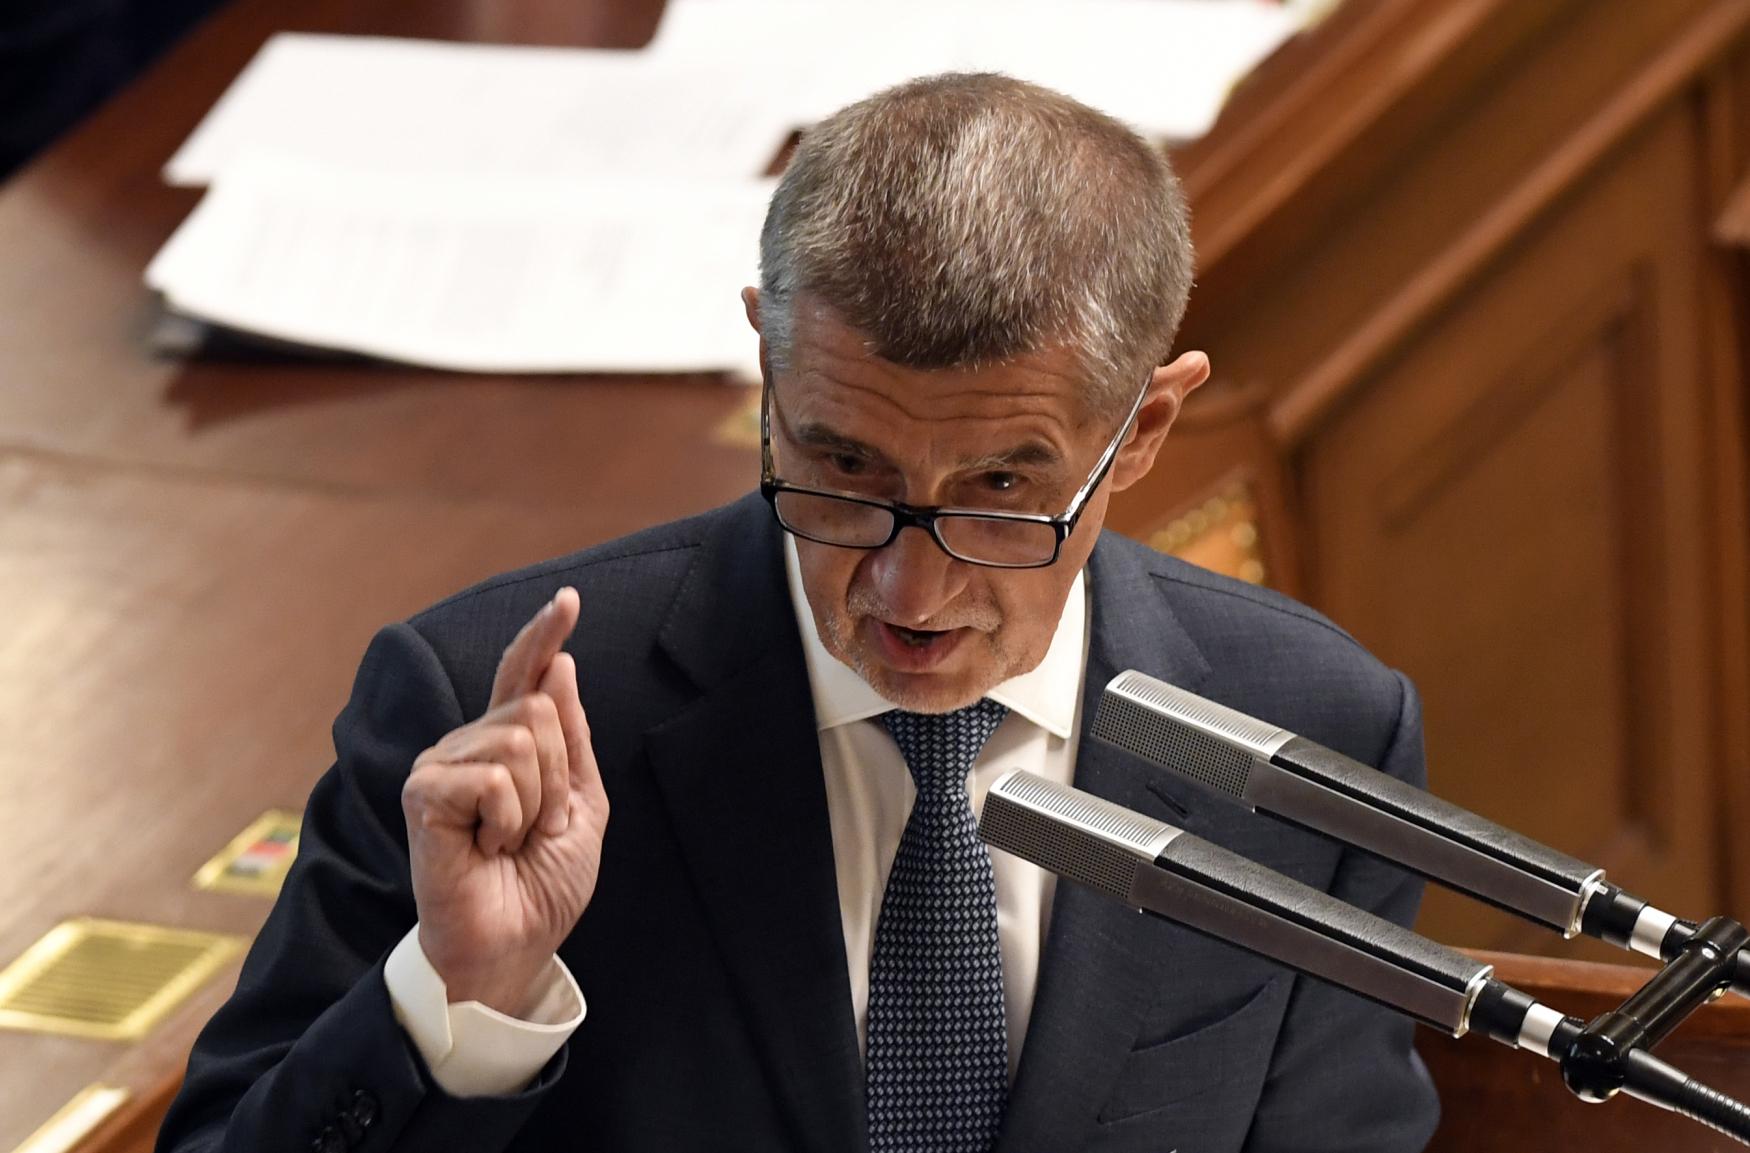 Premiér Andrej Babiš reaguje na schůzi sněmovny na informace o výsledku auditu Evropské komise ohledně jeho možného střetu zájmů dotací pro Agrofert.